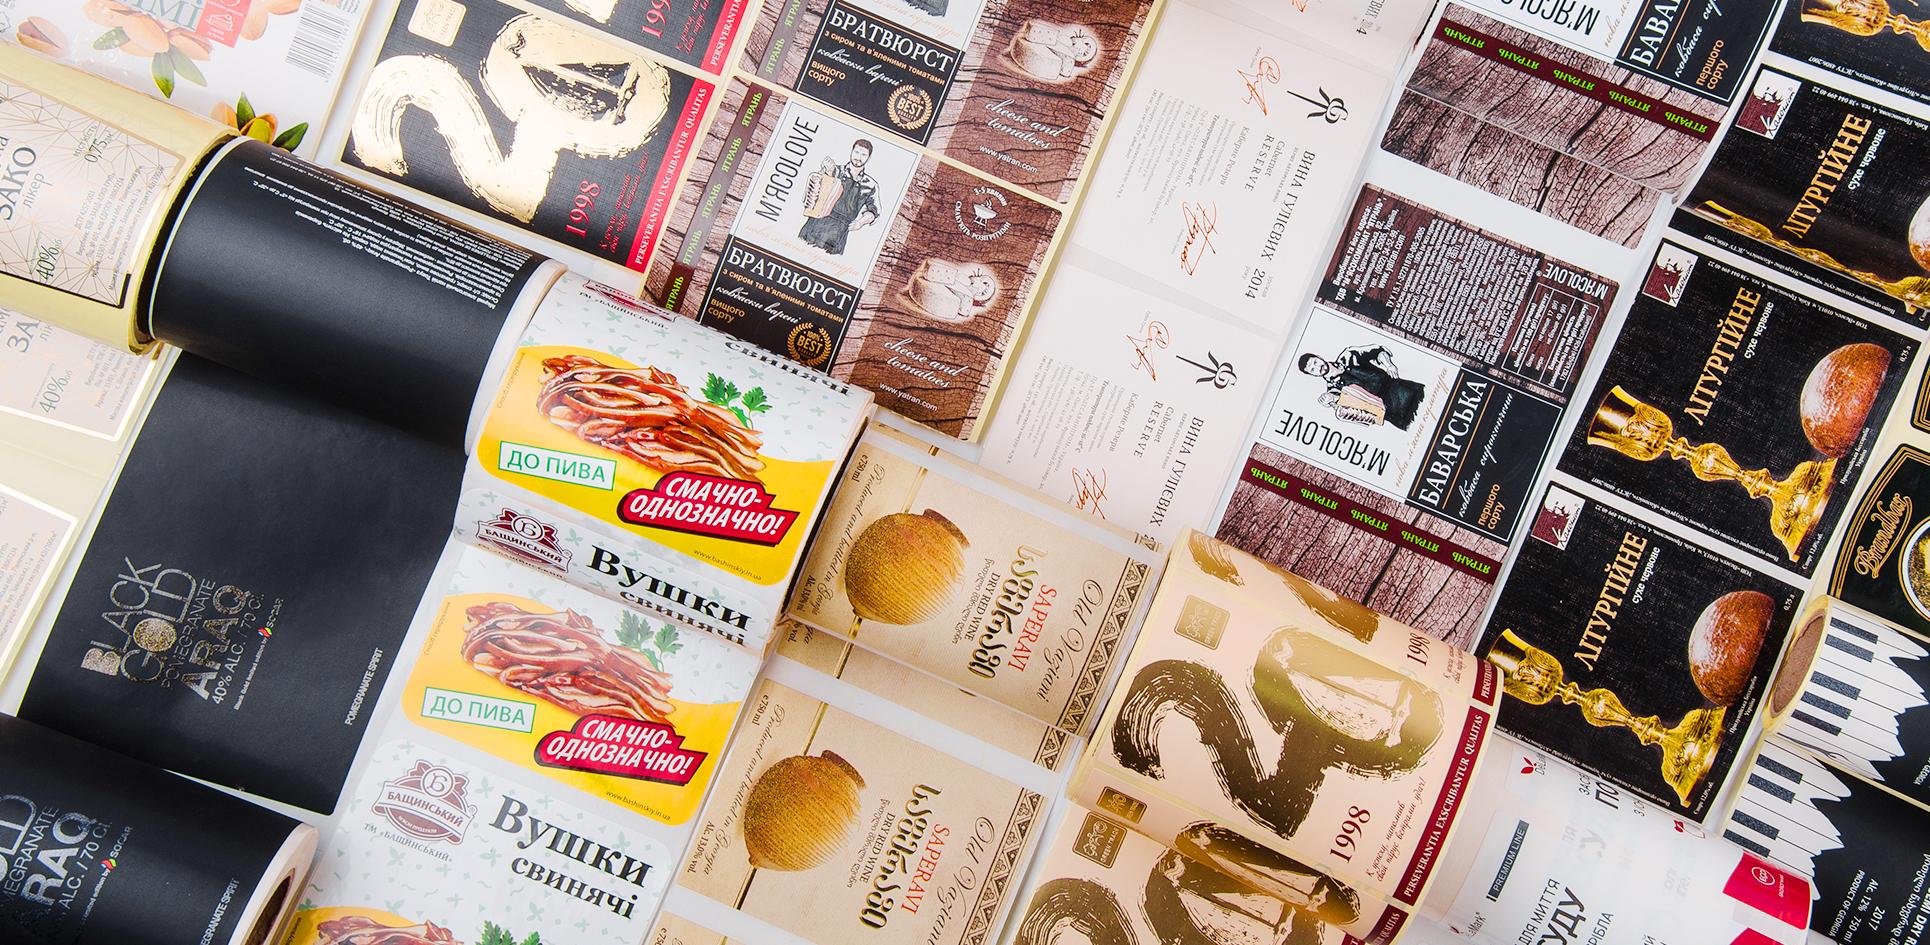 Печать этикетки в Киеве. Заказать этикетку